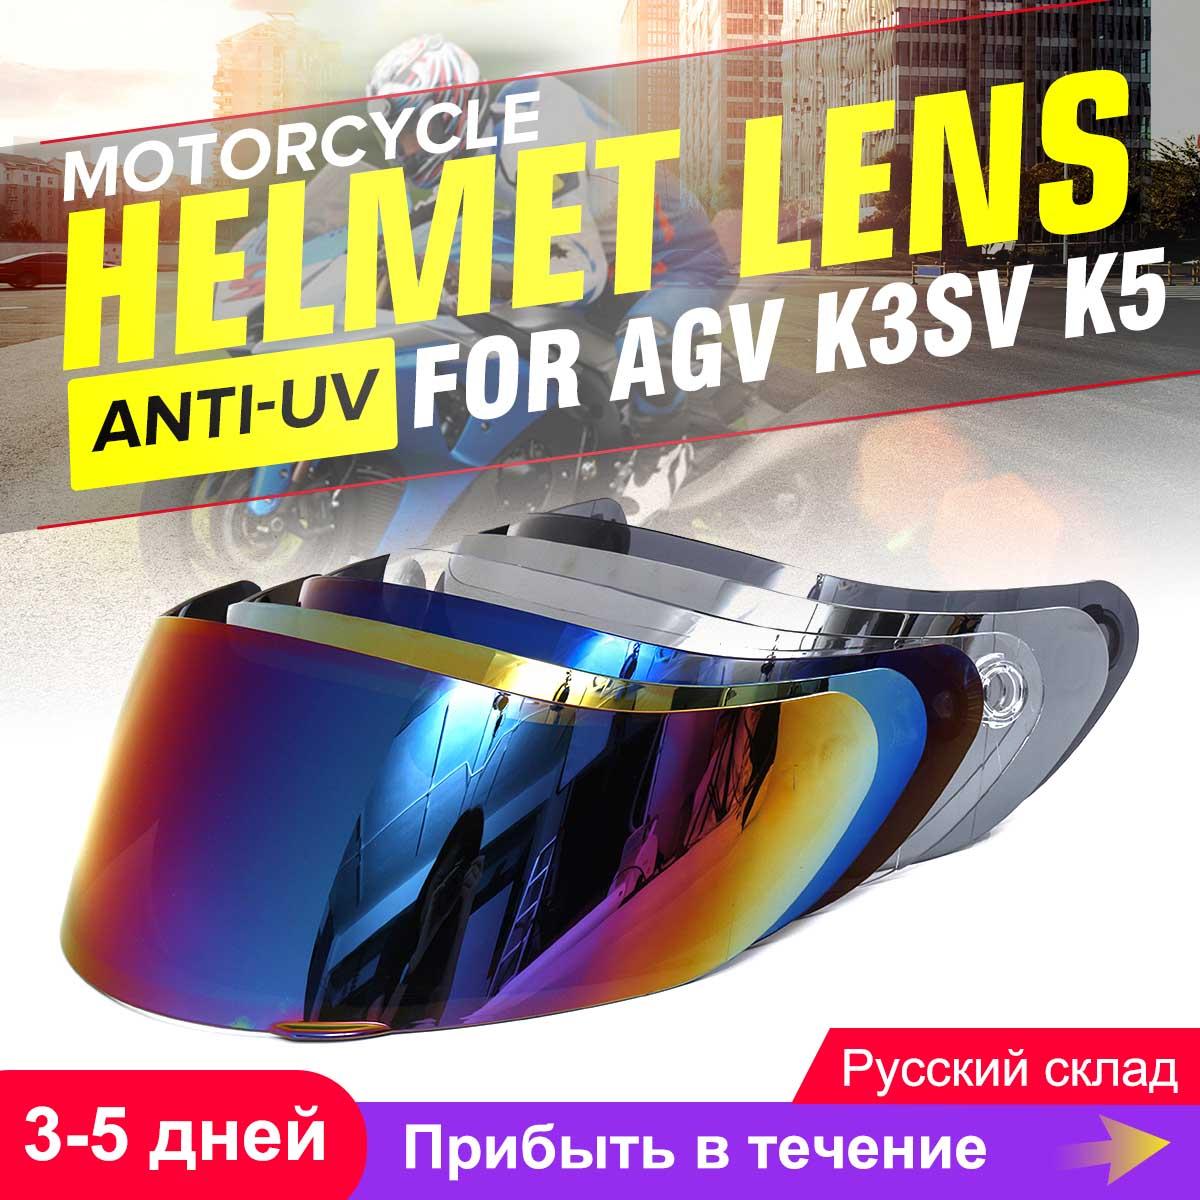 Helmet Visor For AGV K5 K3 SV Motorcycle Helmet Shield Parts Original Glasses For Agv K3 Sv K5 Motorbike Helmet Lens Full Face